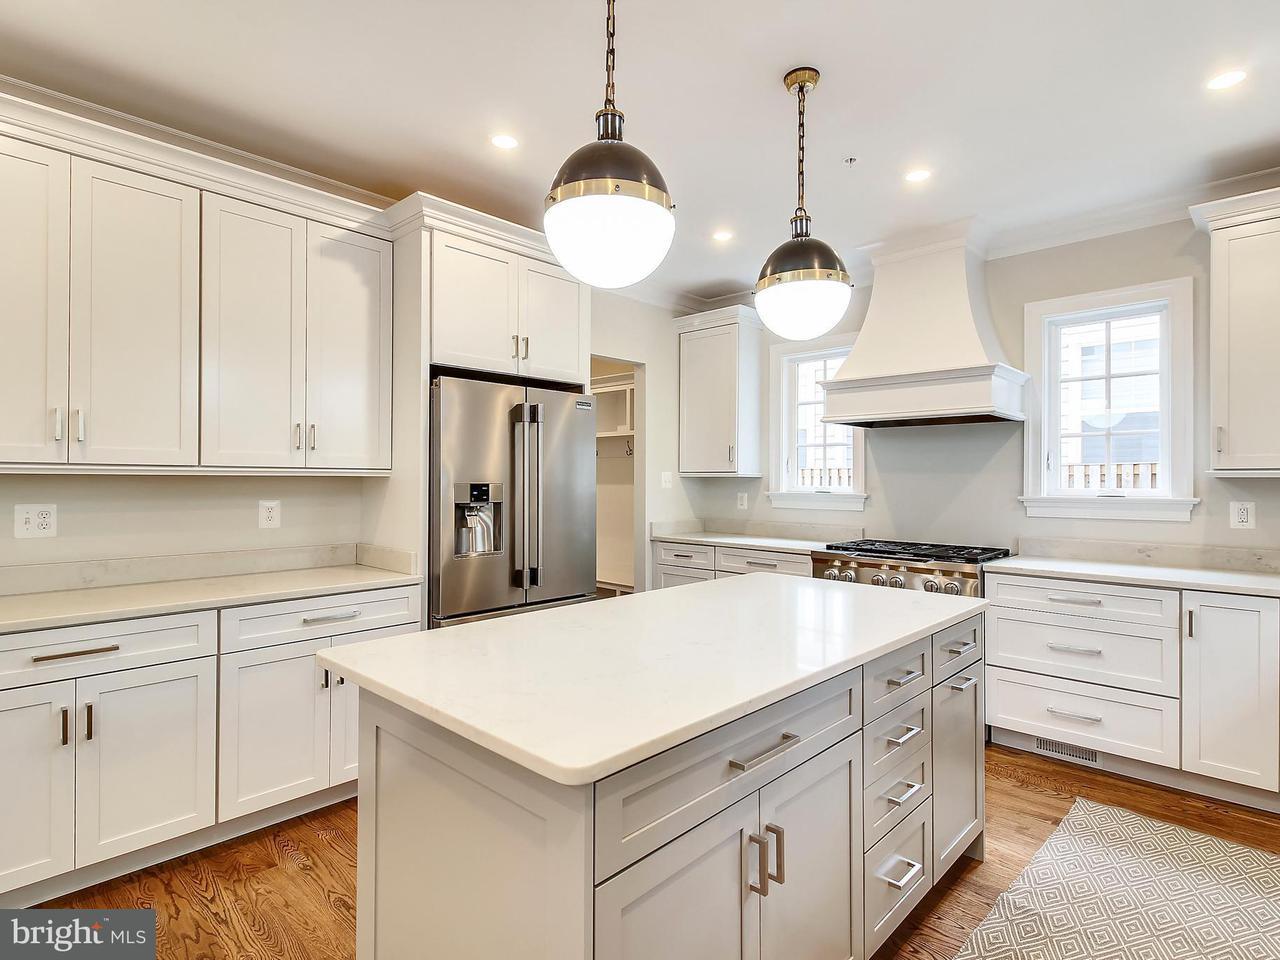 Μονοκατοικία για την Πώληση στο 4106 WARNER Street 4106 WARNER Street Kensington, Μεριλαντ 20895 Ηνωμενεσ Πολιτειεσ